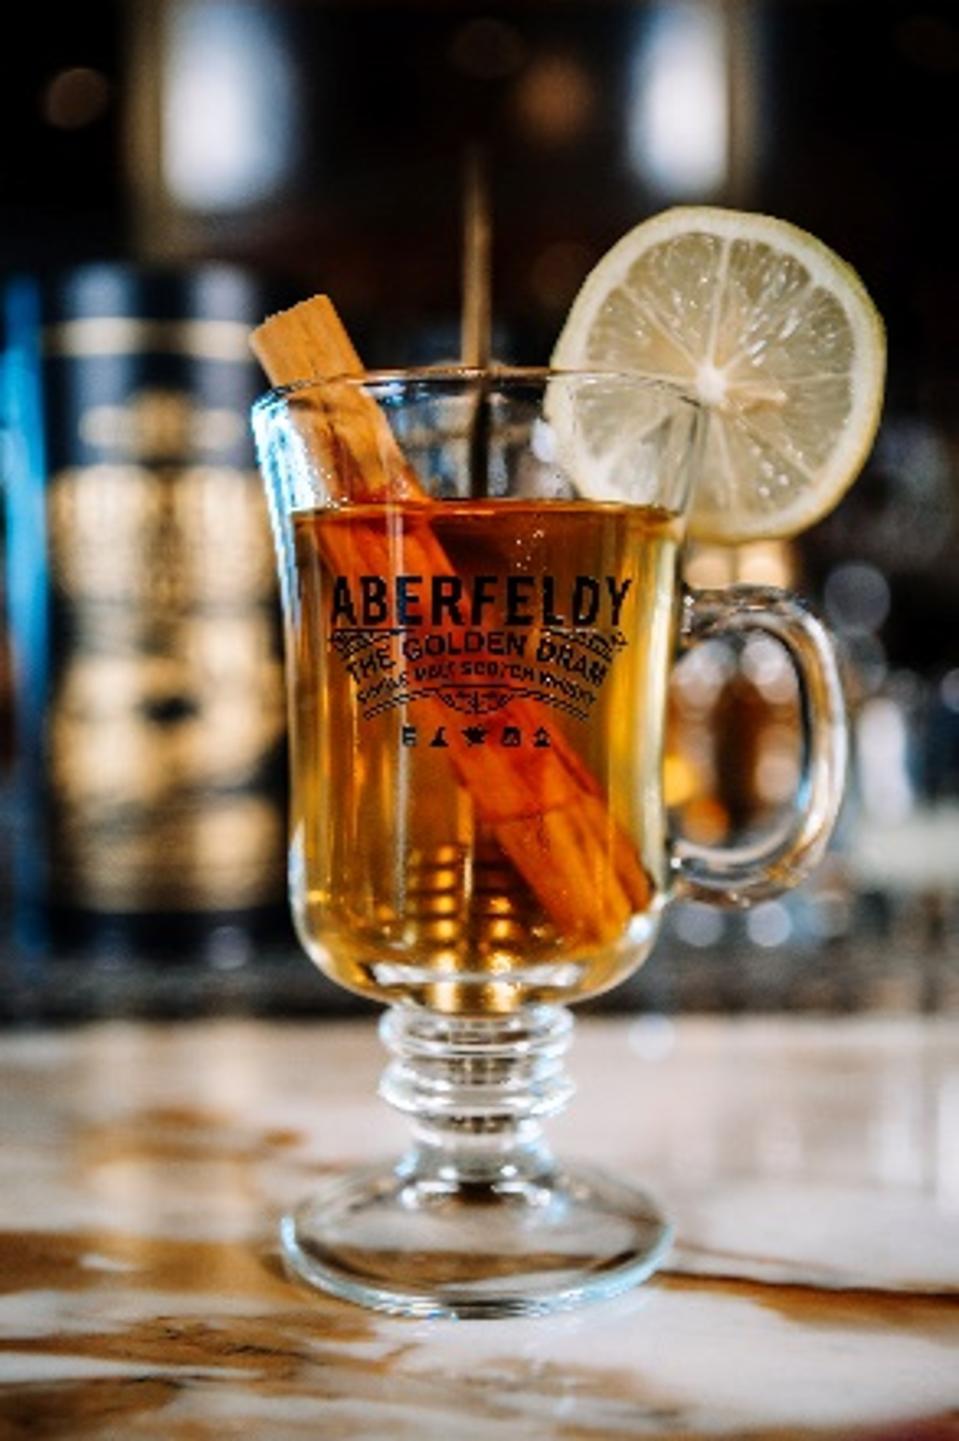 Aberfeldy Golden Hot Toddy